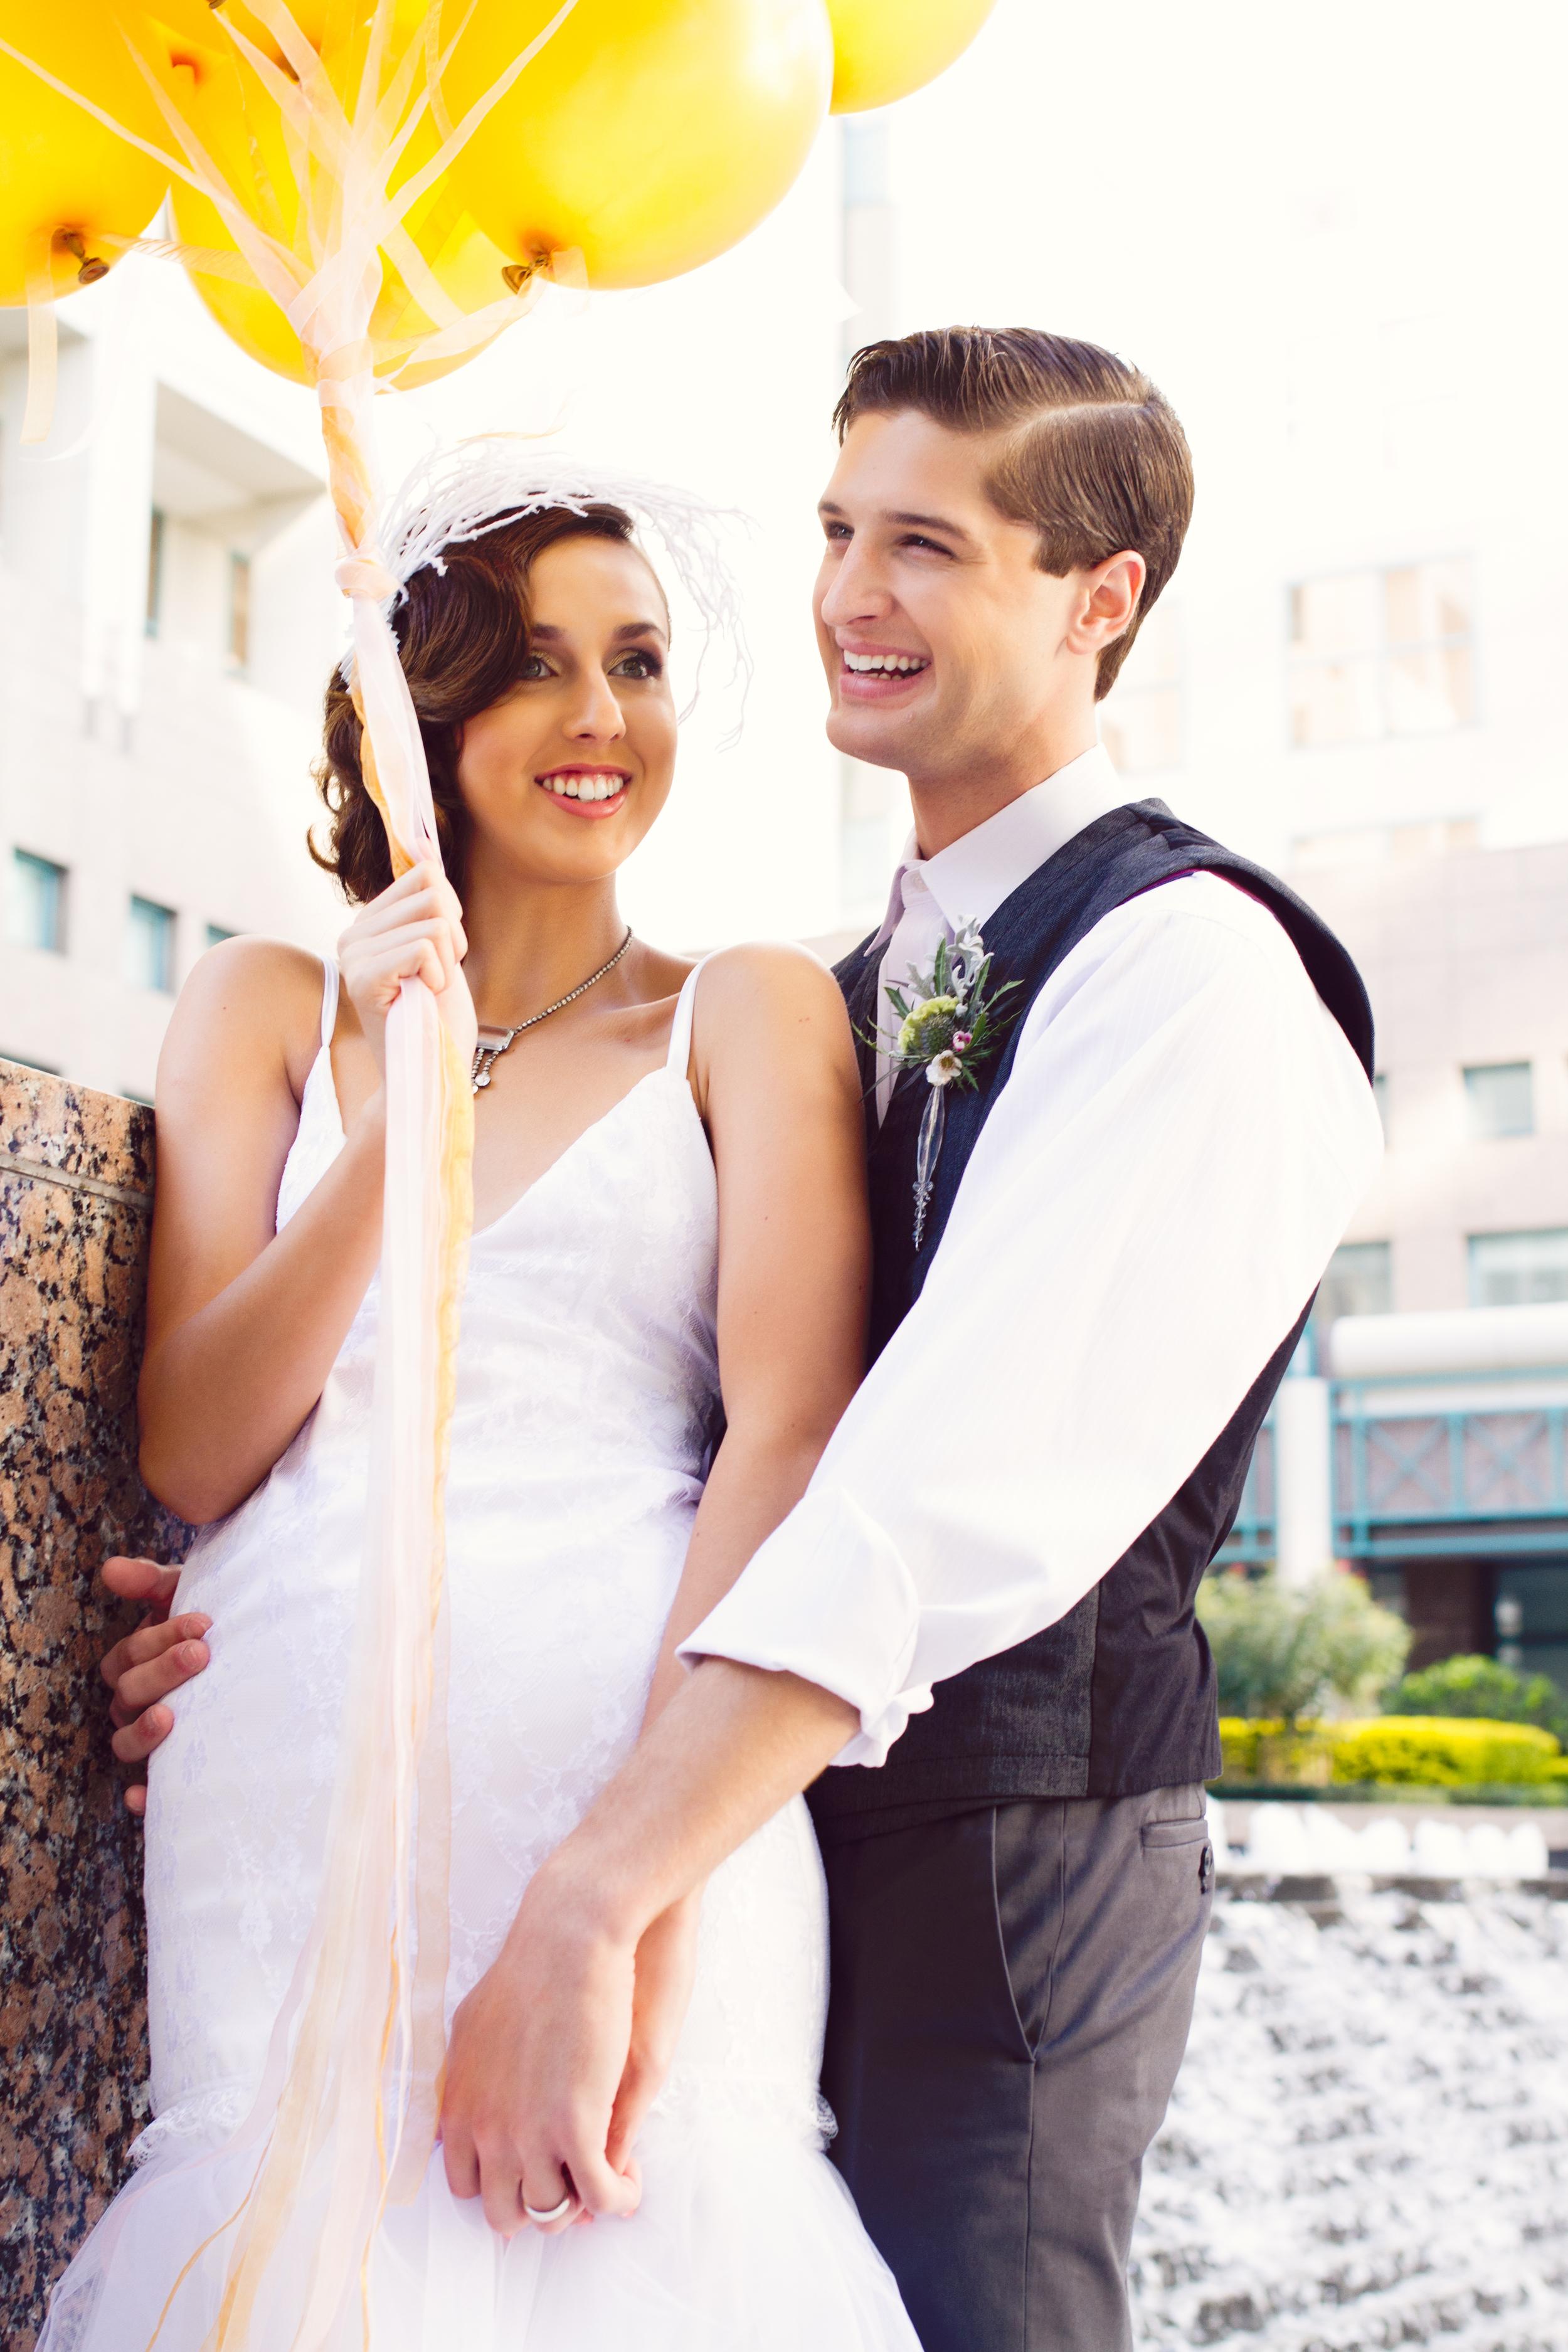 fashion_wedding_vaniaelisephotography--64.jpg